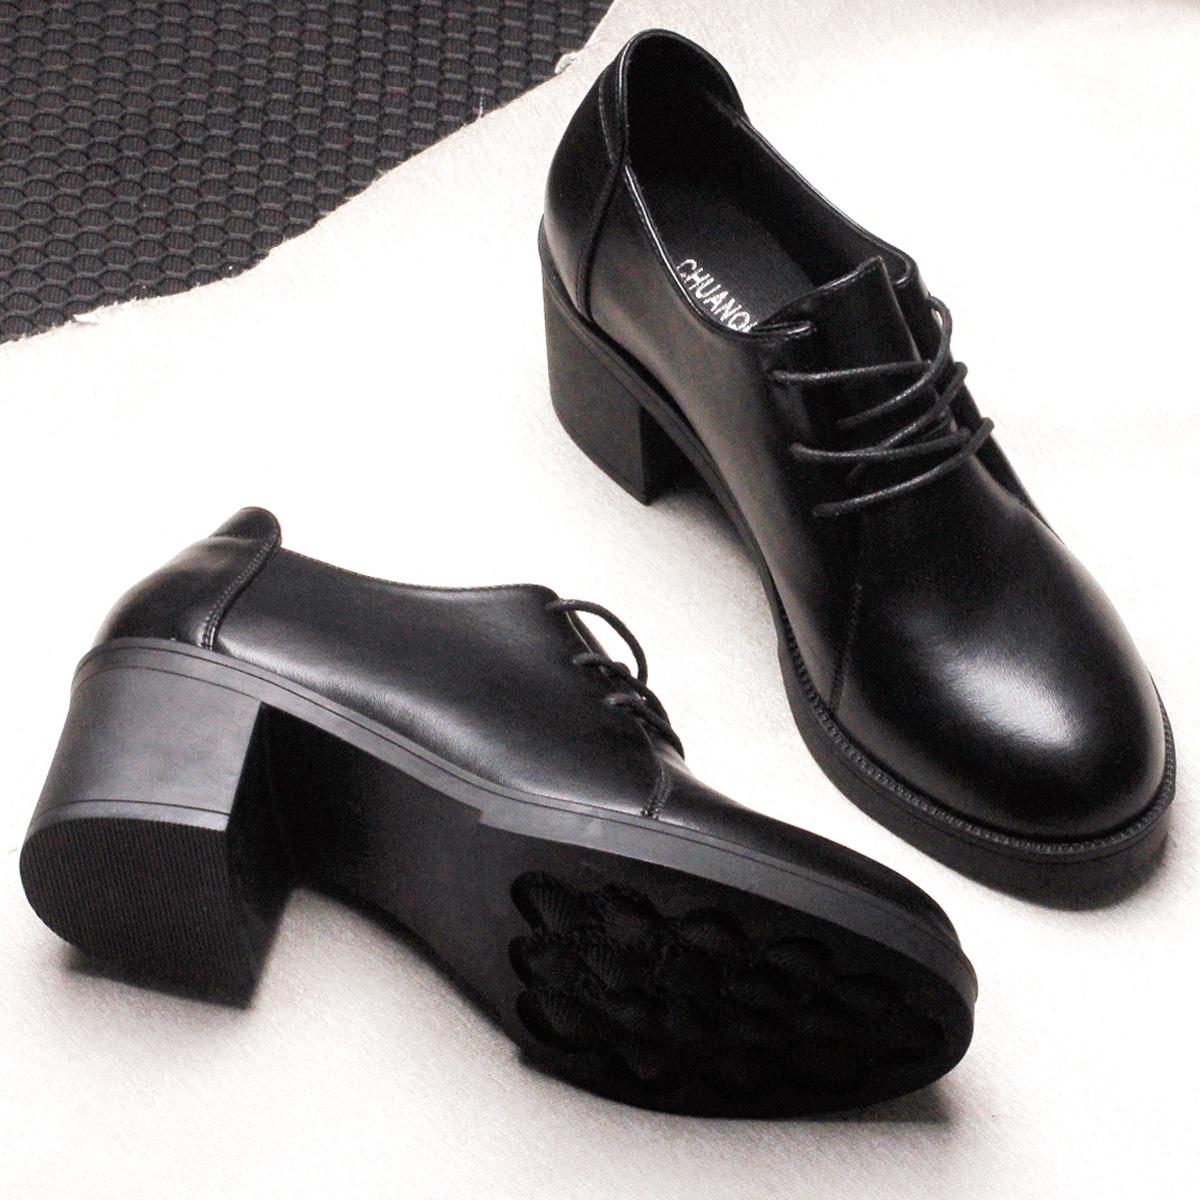 黑色高跟鞋 冬季黑色小皮鞋女中跟上班工作鞋粗跟高跟单鞋职业正装系带女鞋秋_推荐淘宝好看的黑色高跟鞋